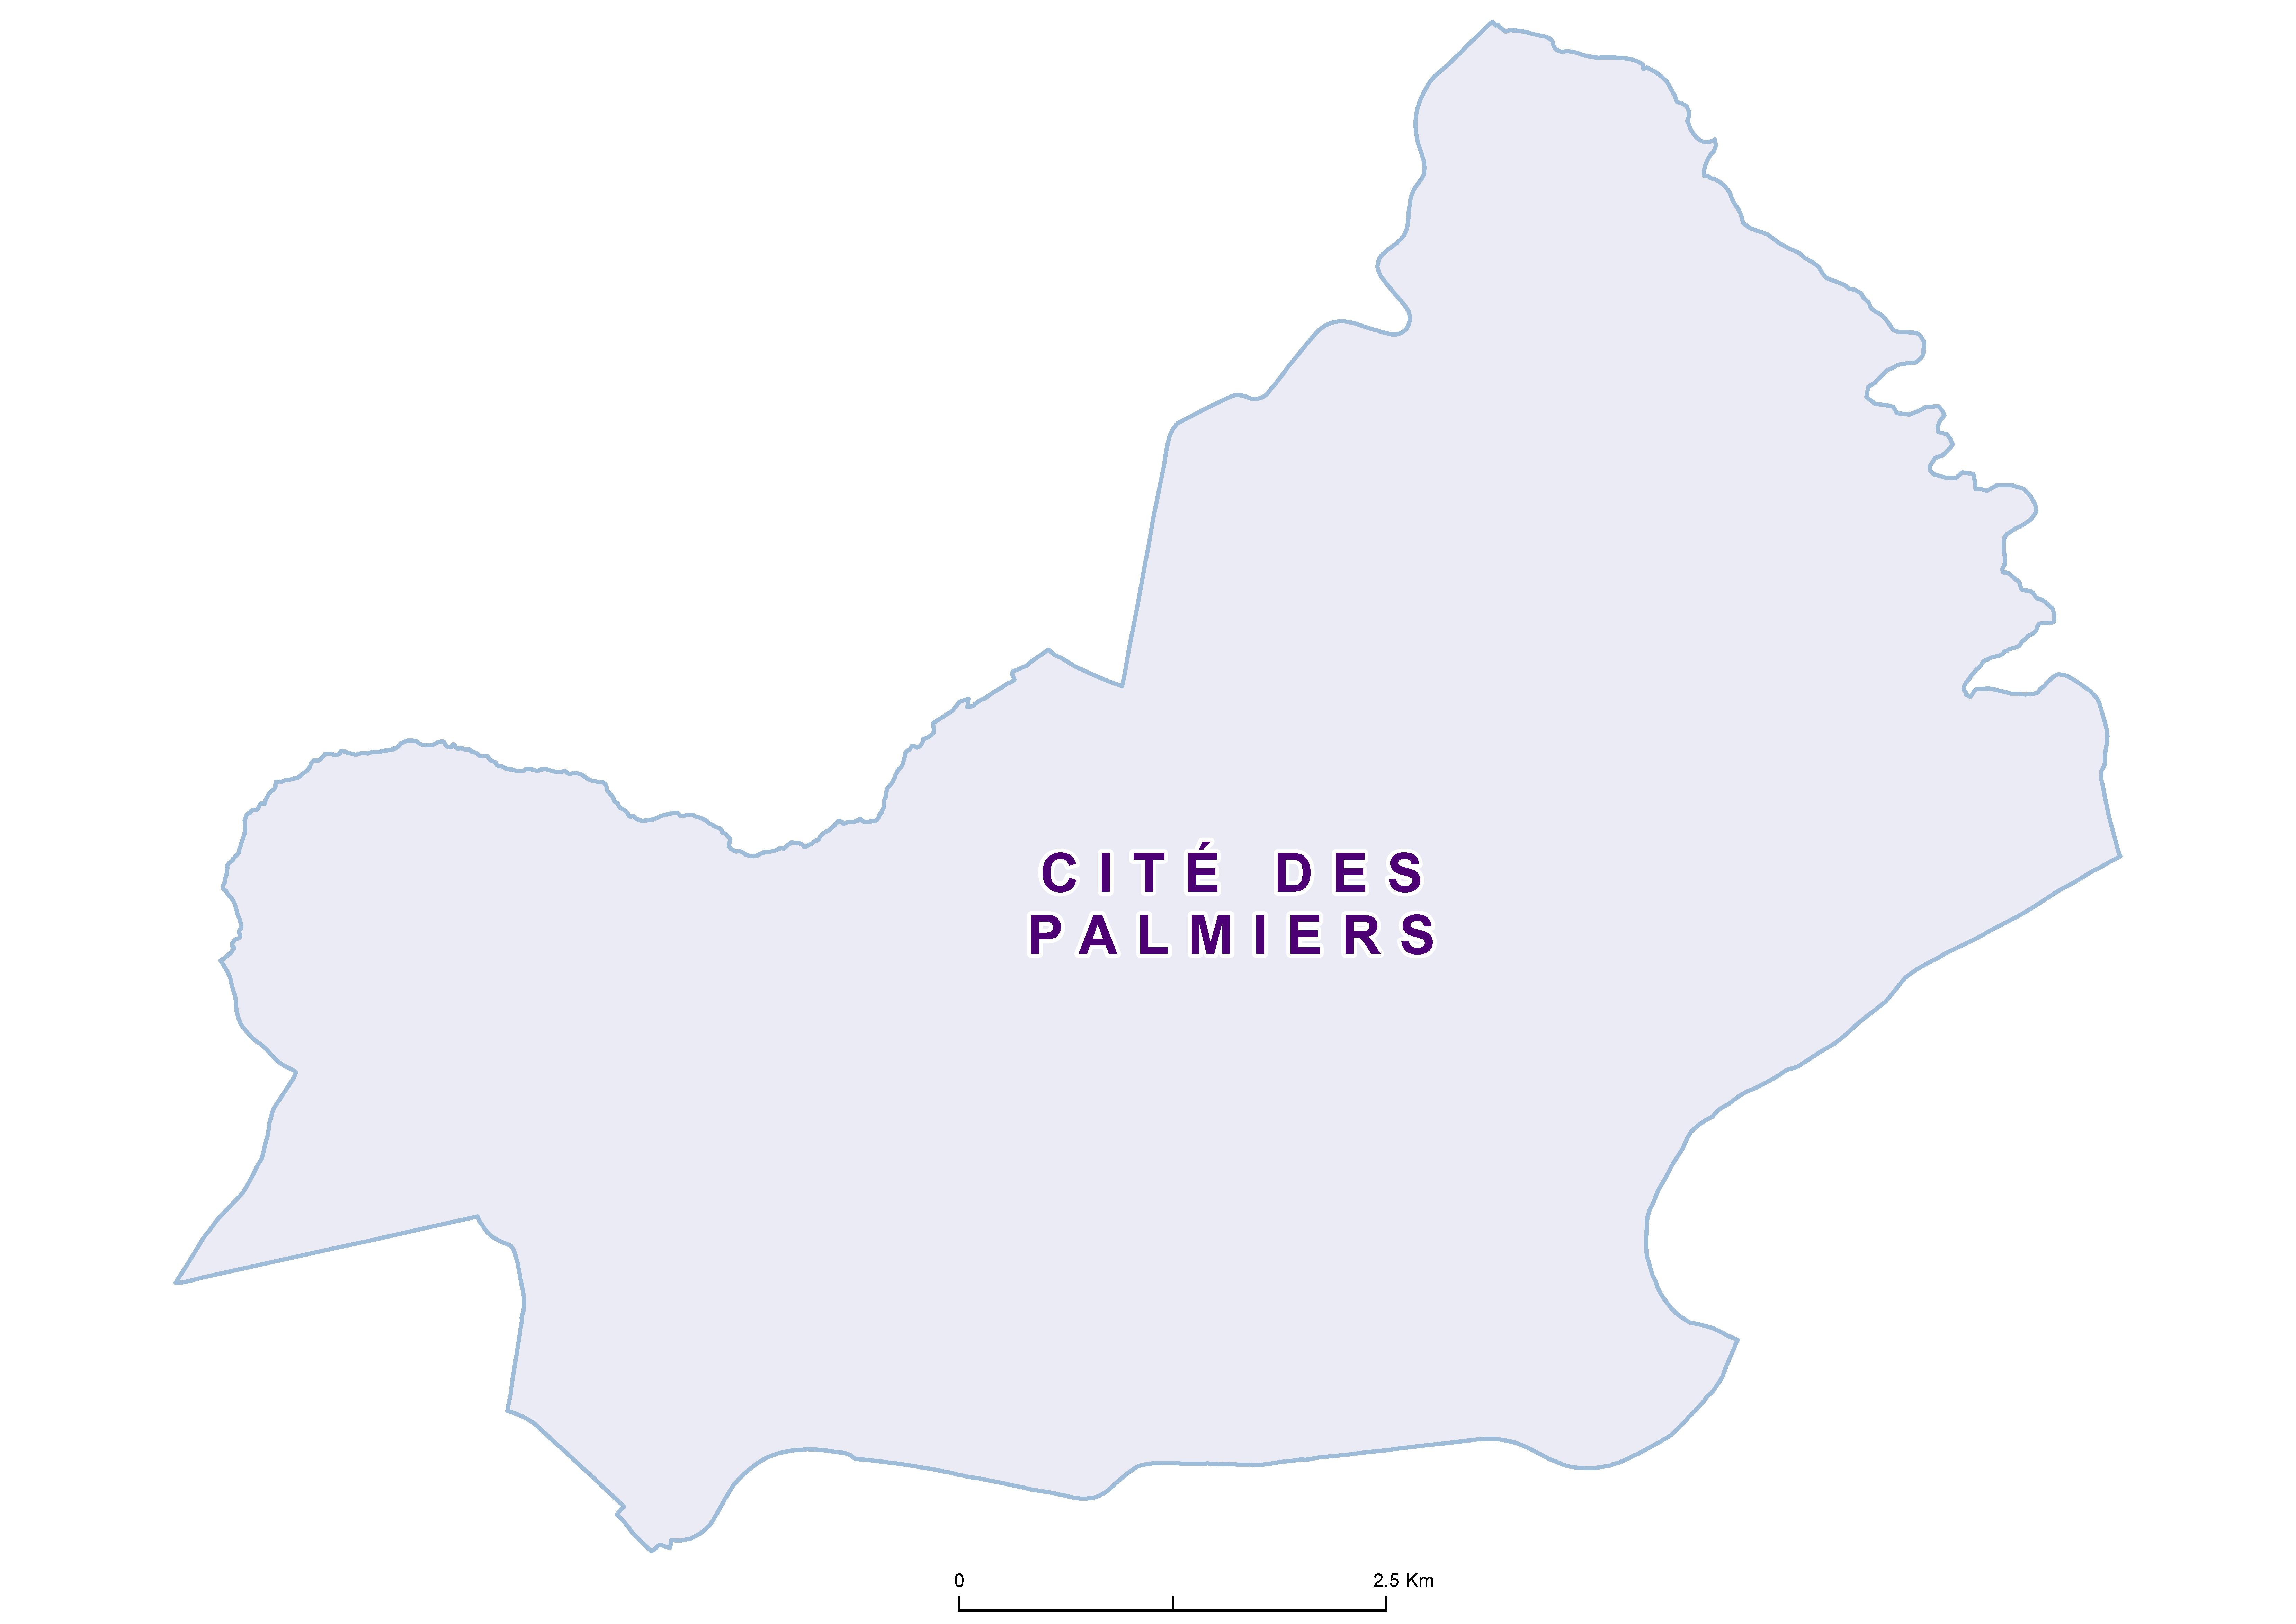 Cité des palmiers Max SCH 19850001